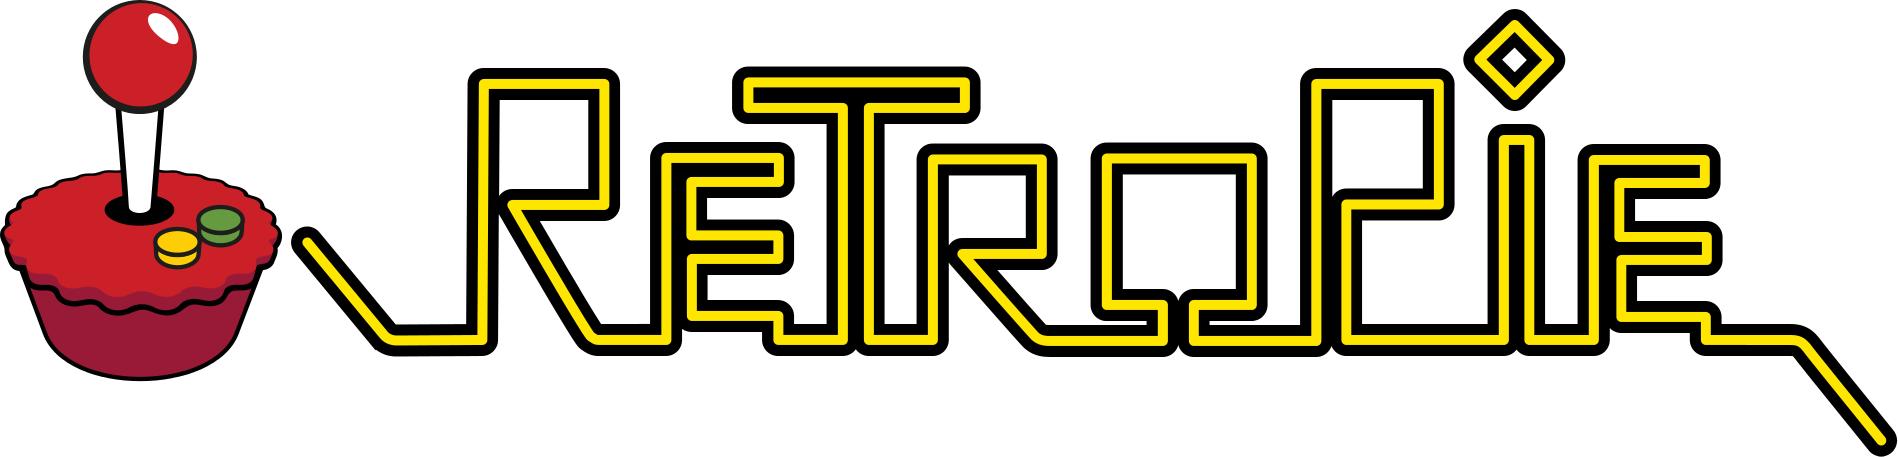 retropie